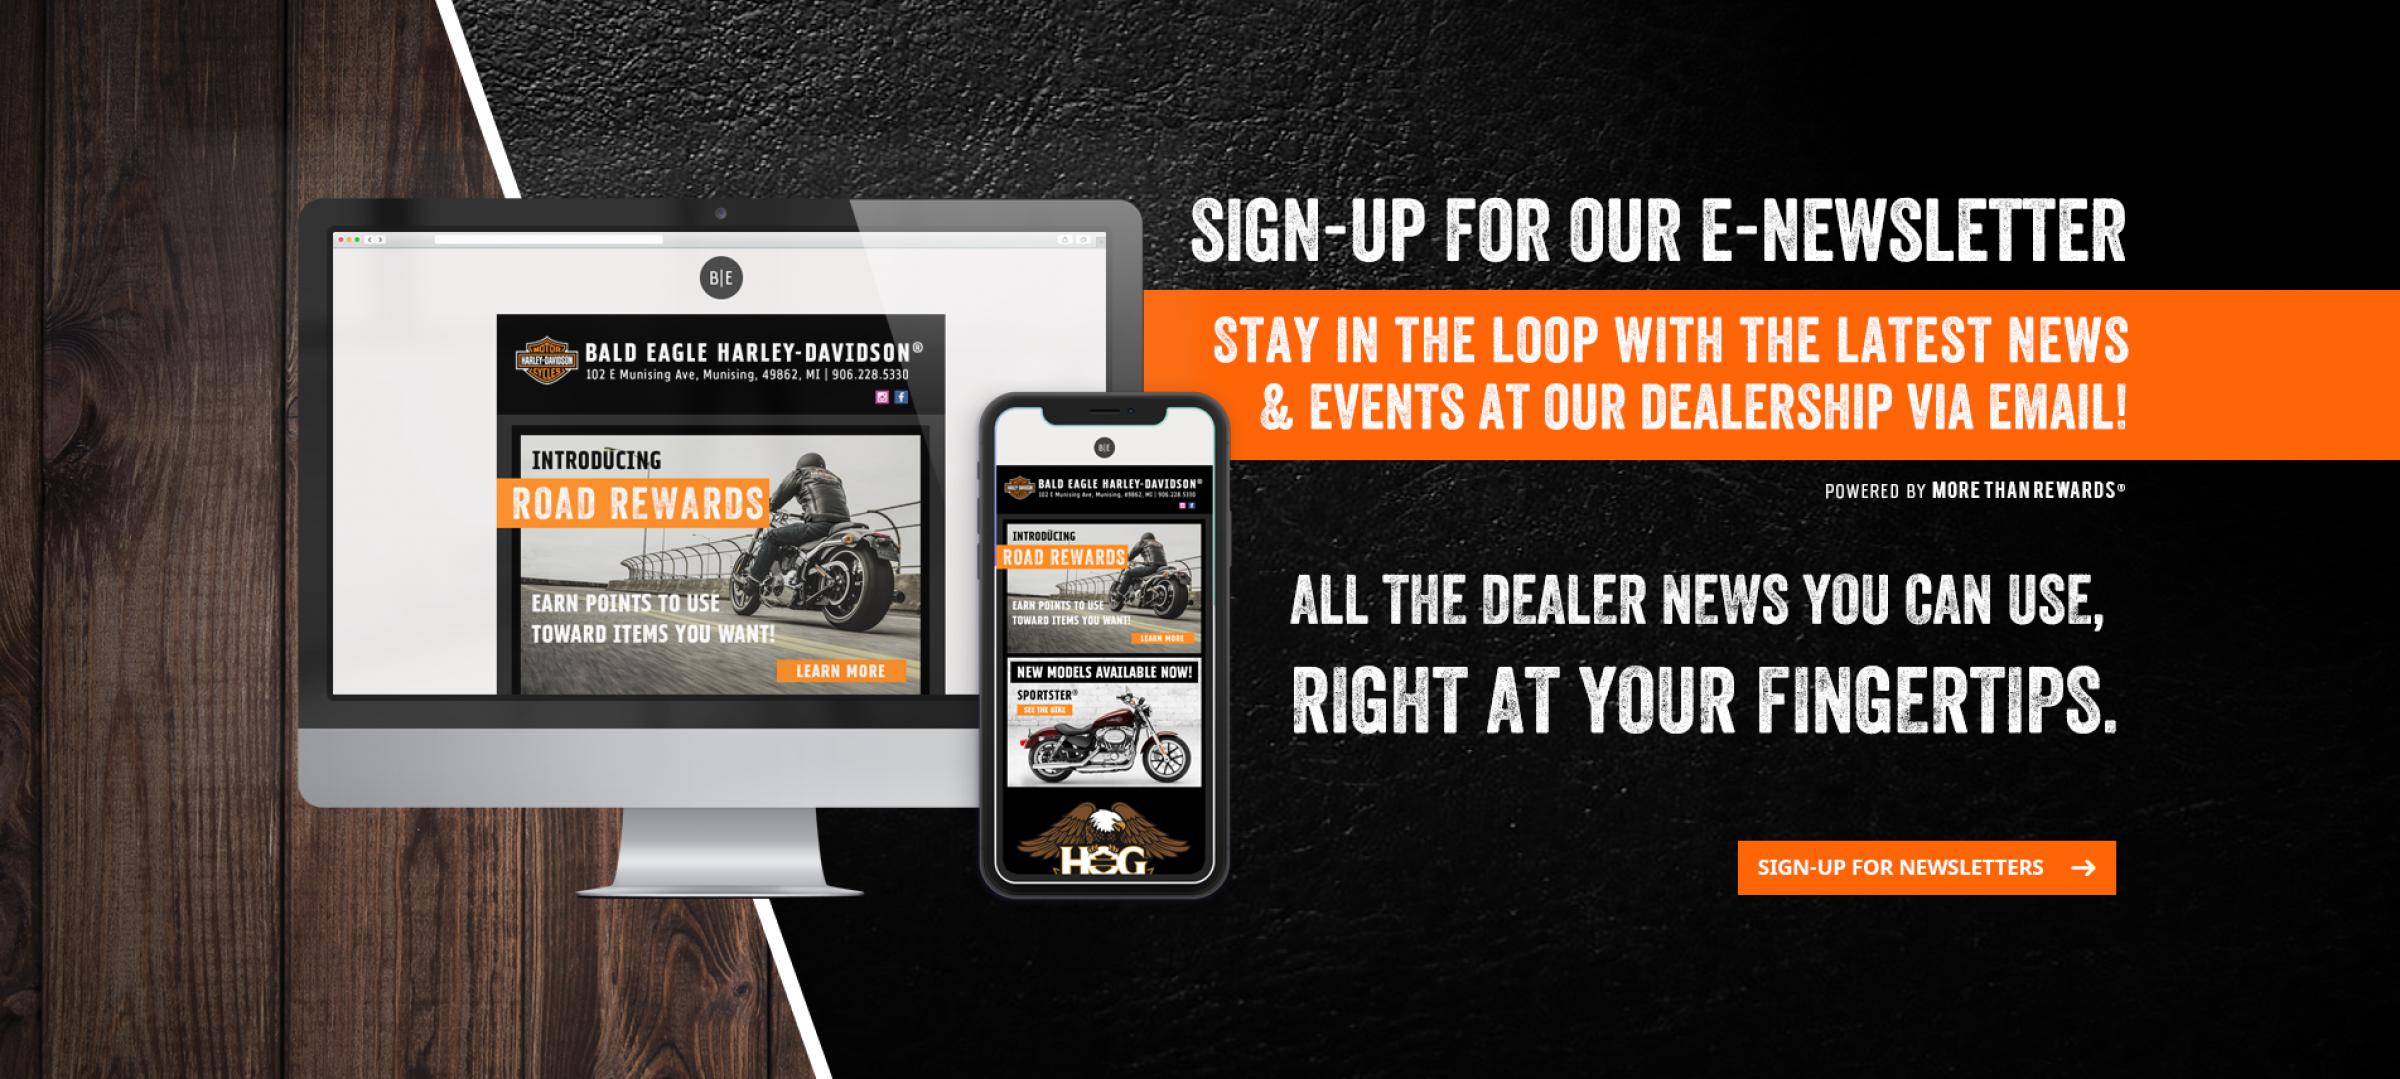 Harley Davidson Dealers In Wisconsin Map.Bald Eagle Harley Davidson